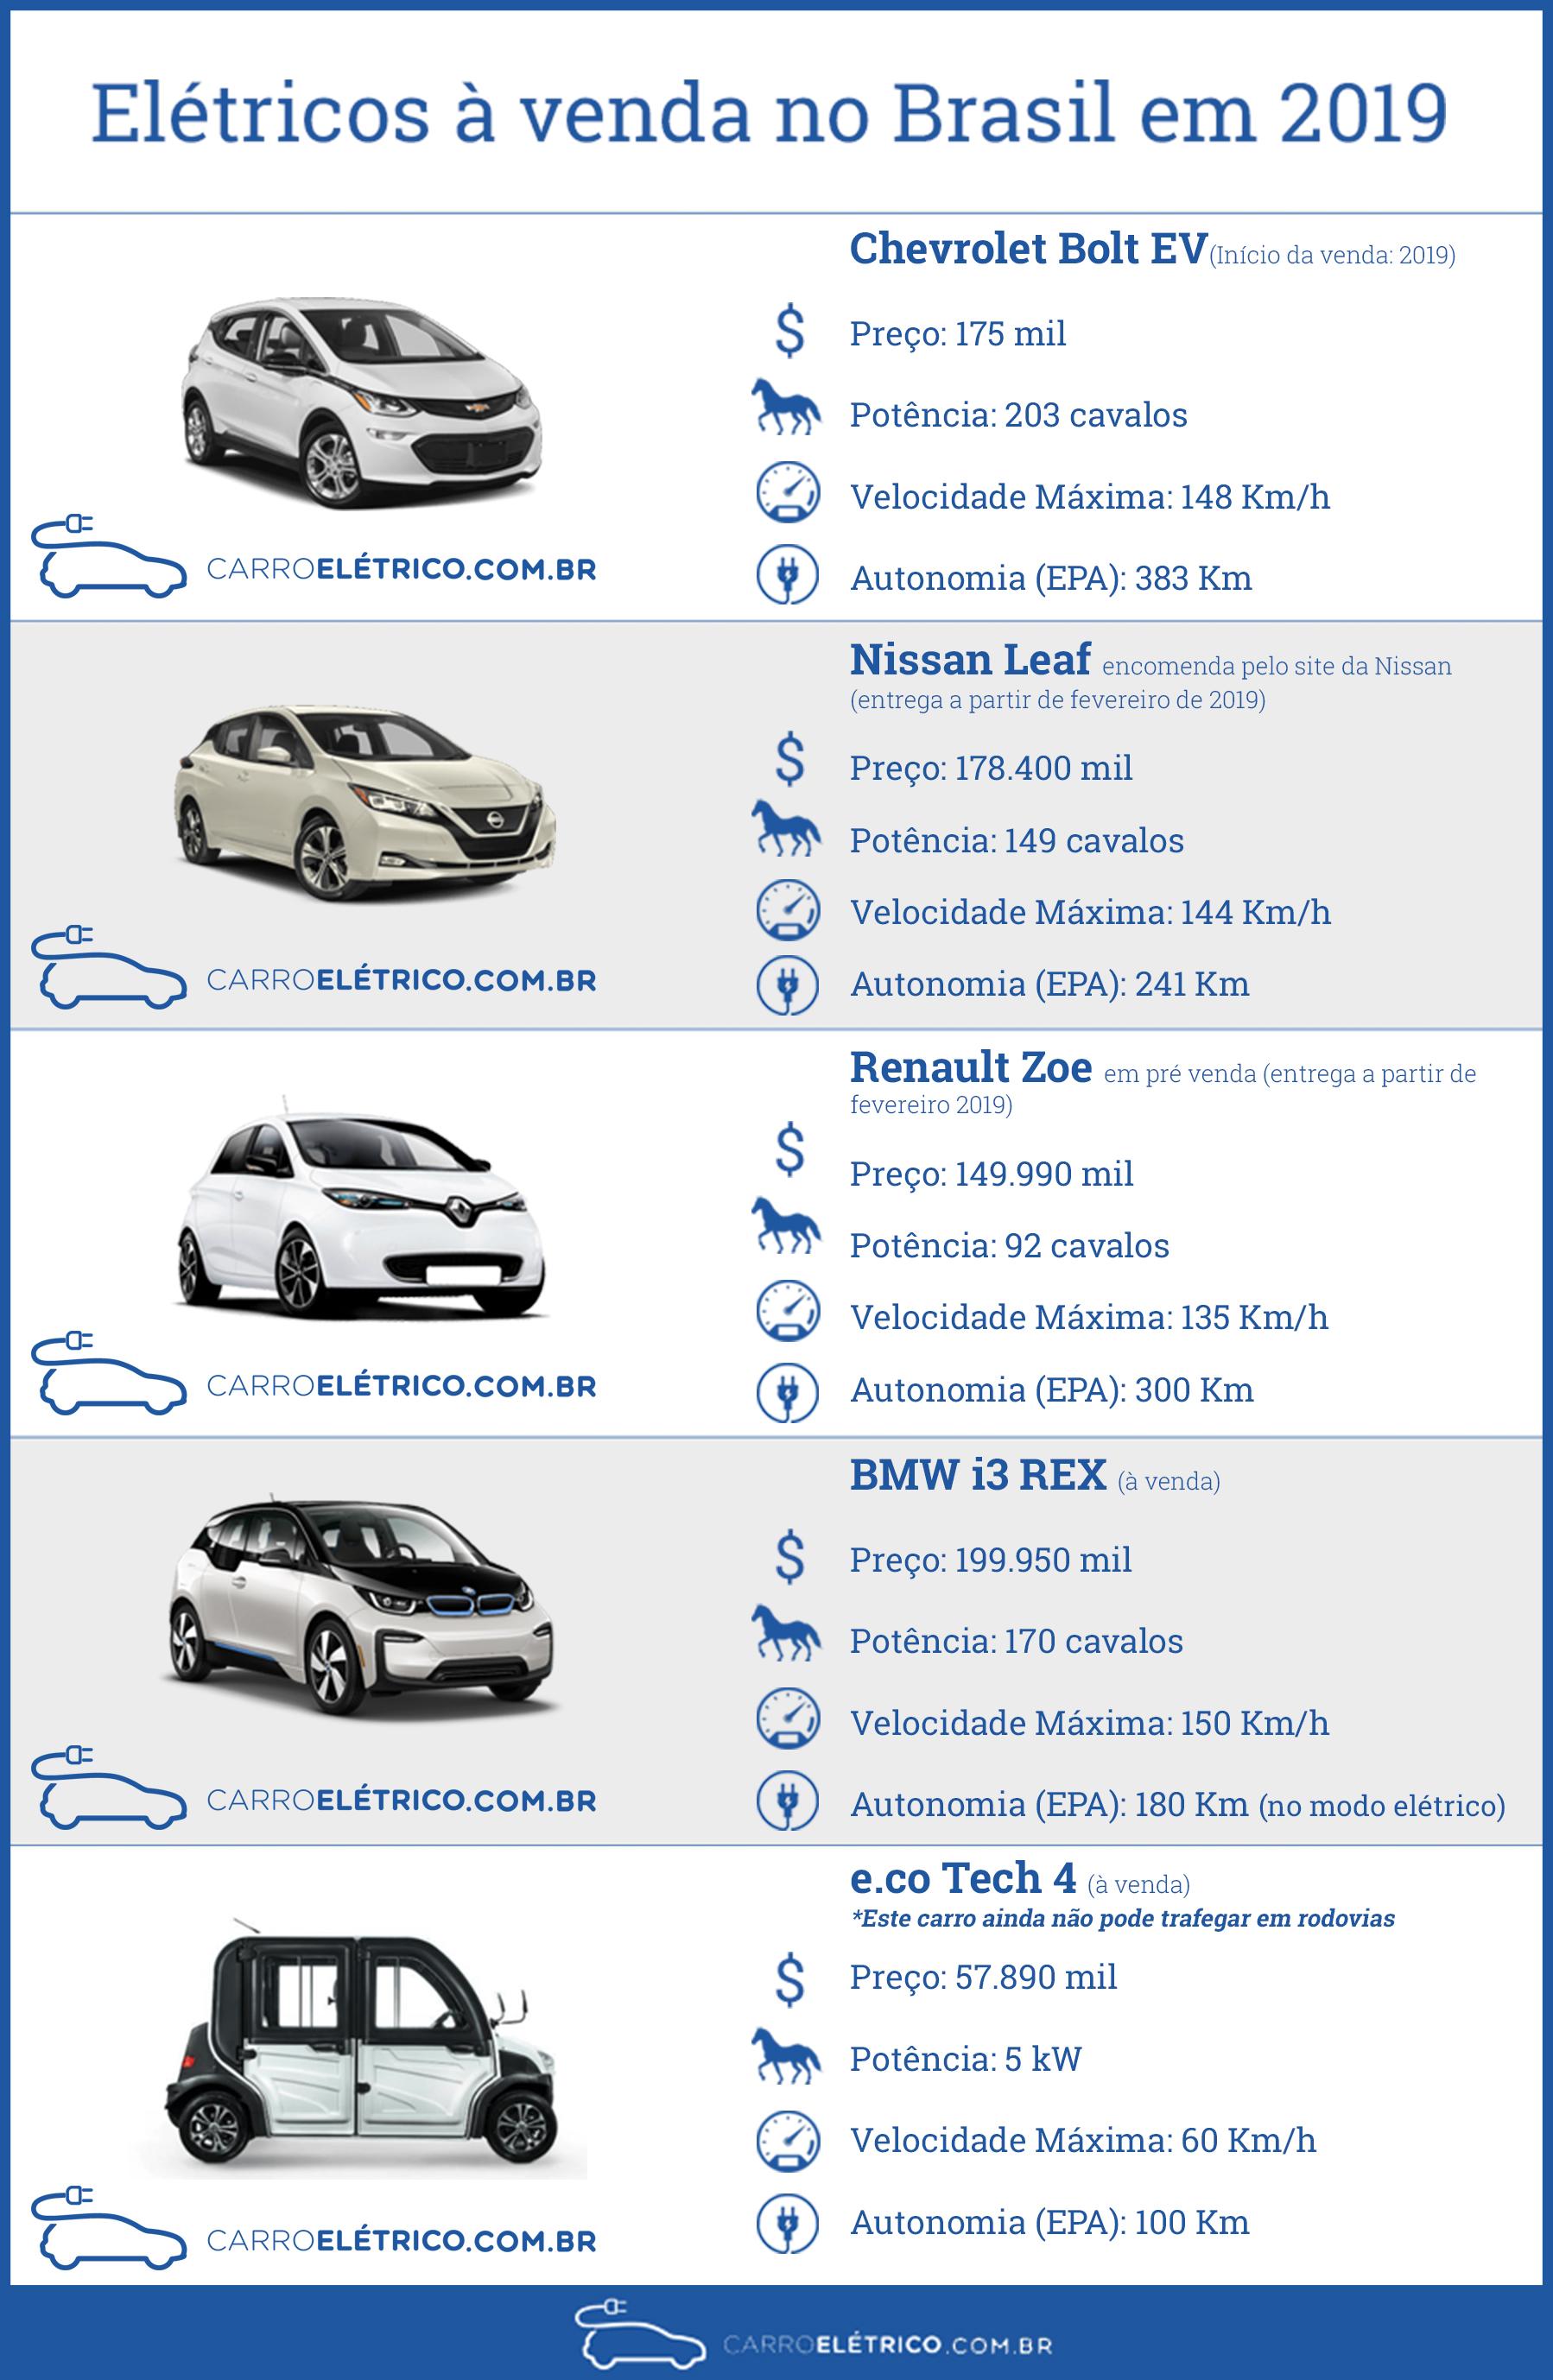 Infográfico - Carros elétricos comprar no Brasil em 2019